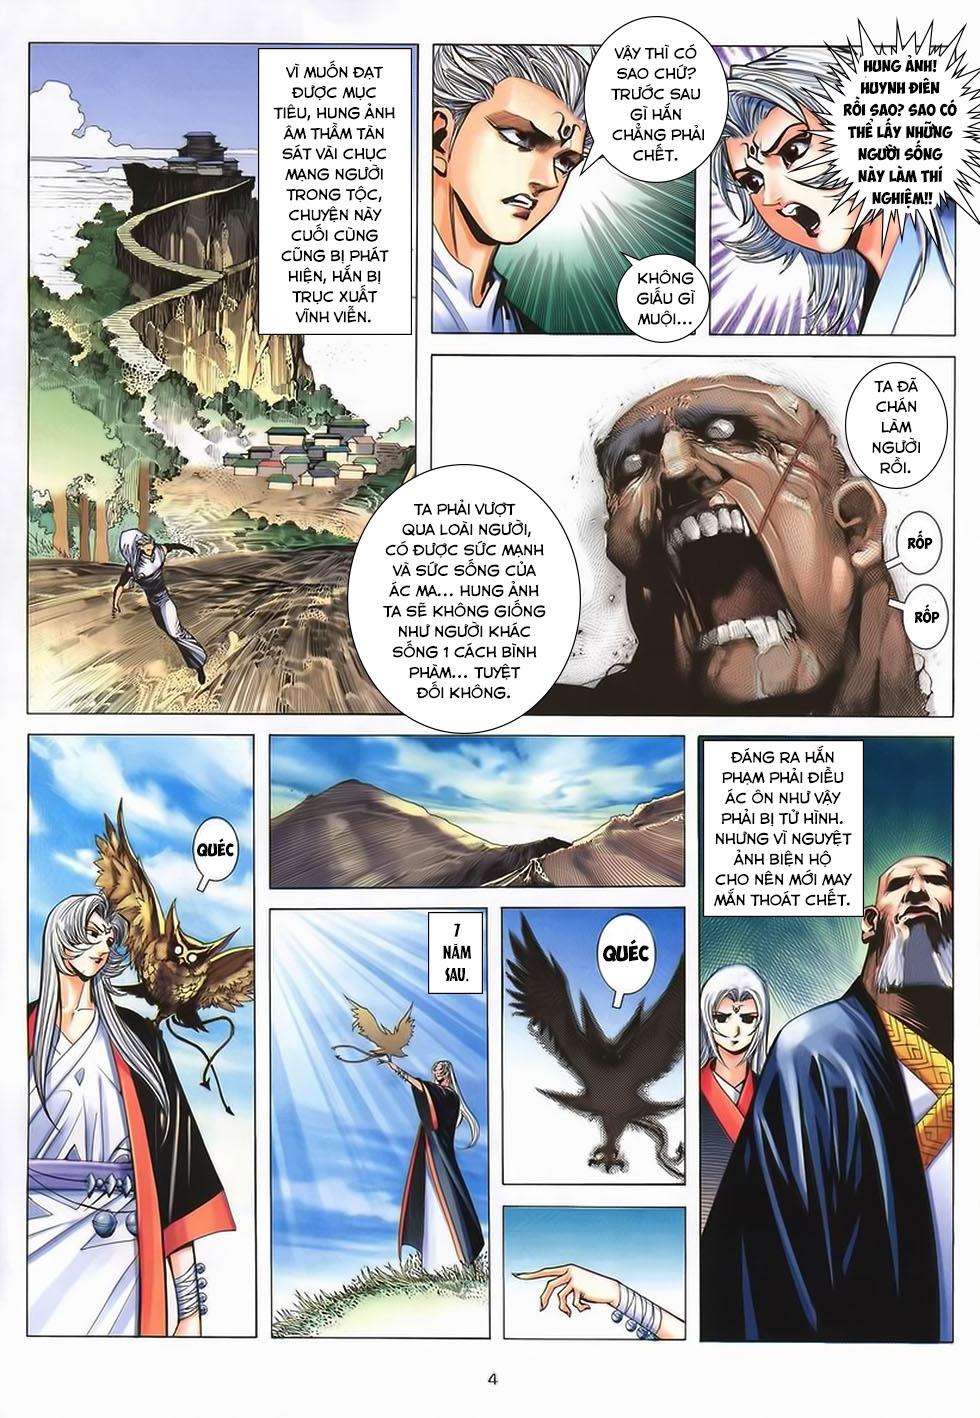 Chiến Thần Ký chap 40 - Trang 5